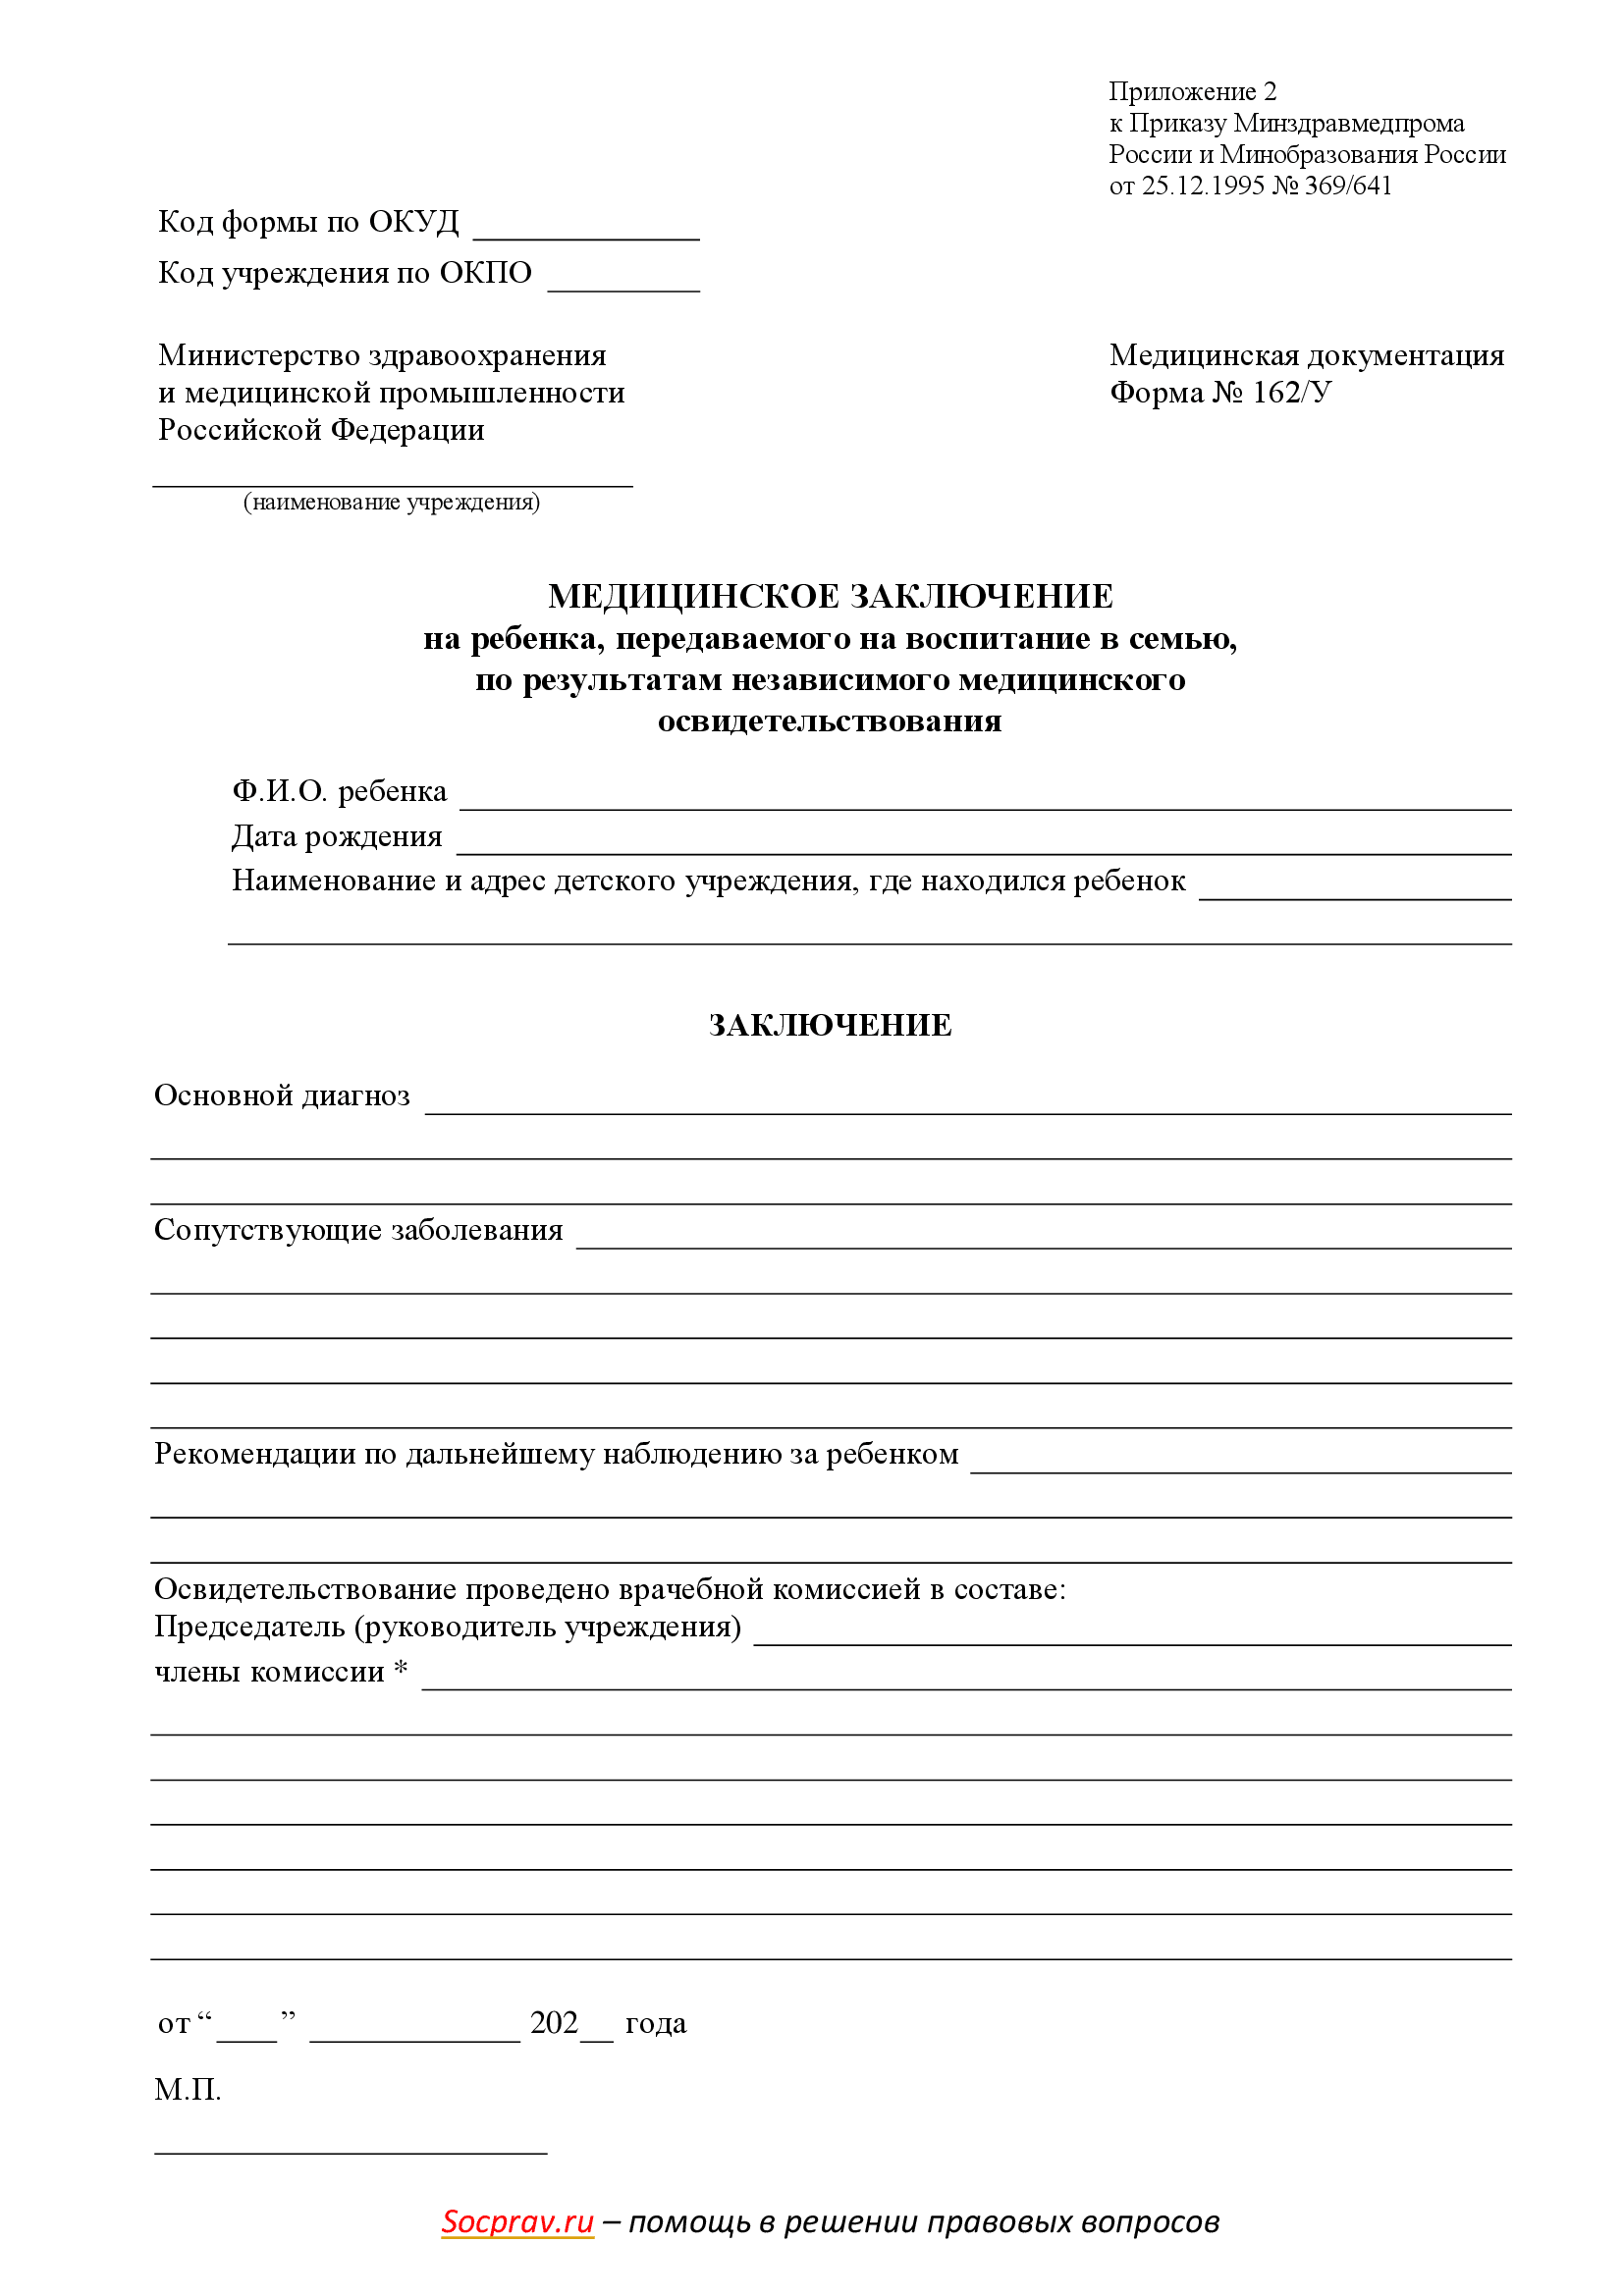 Медицинское заключение (форма 162 у)